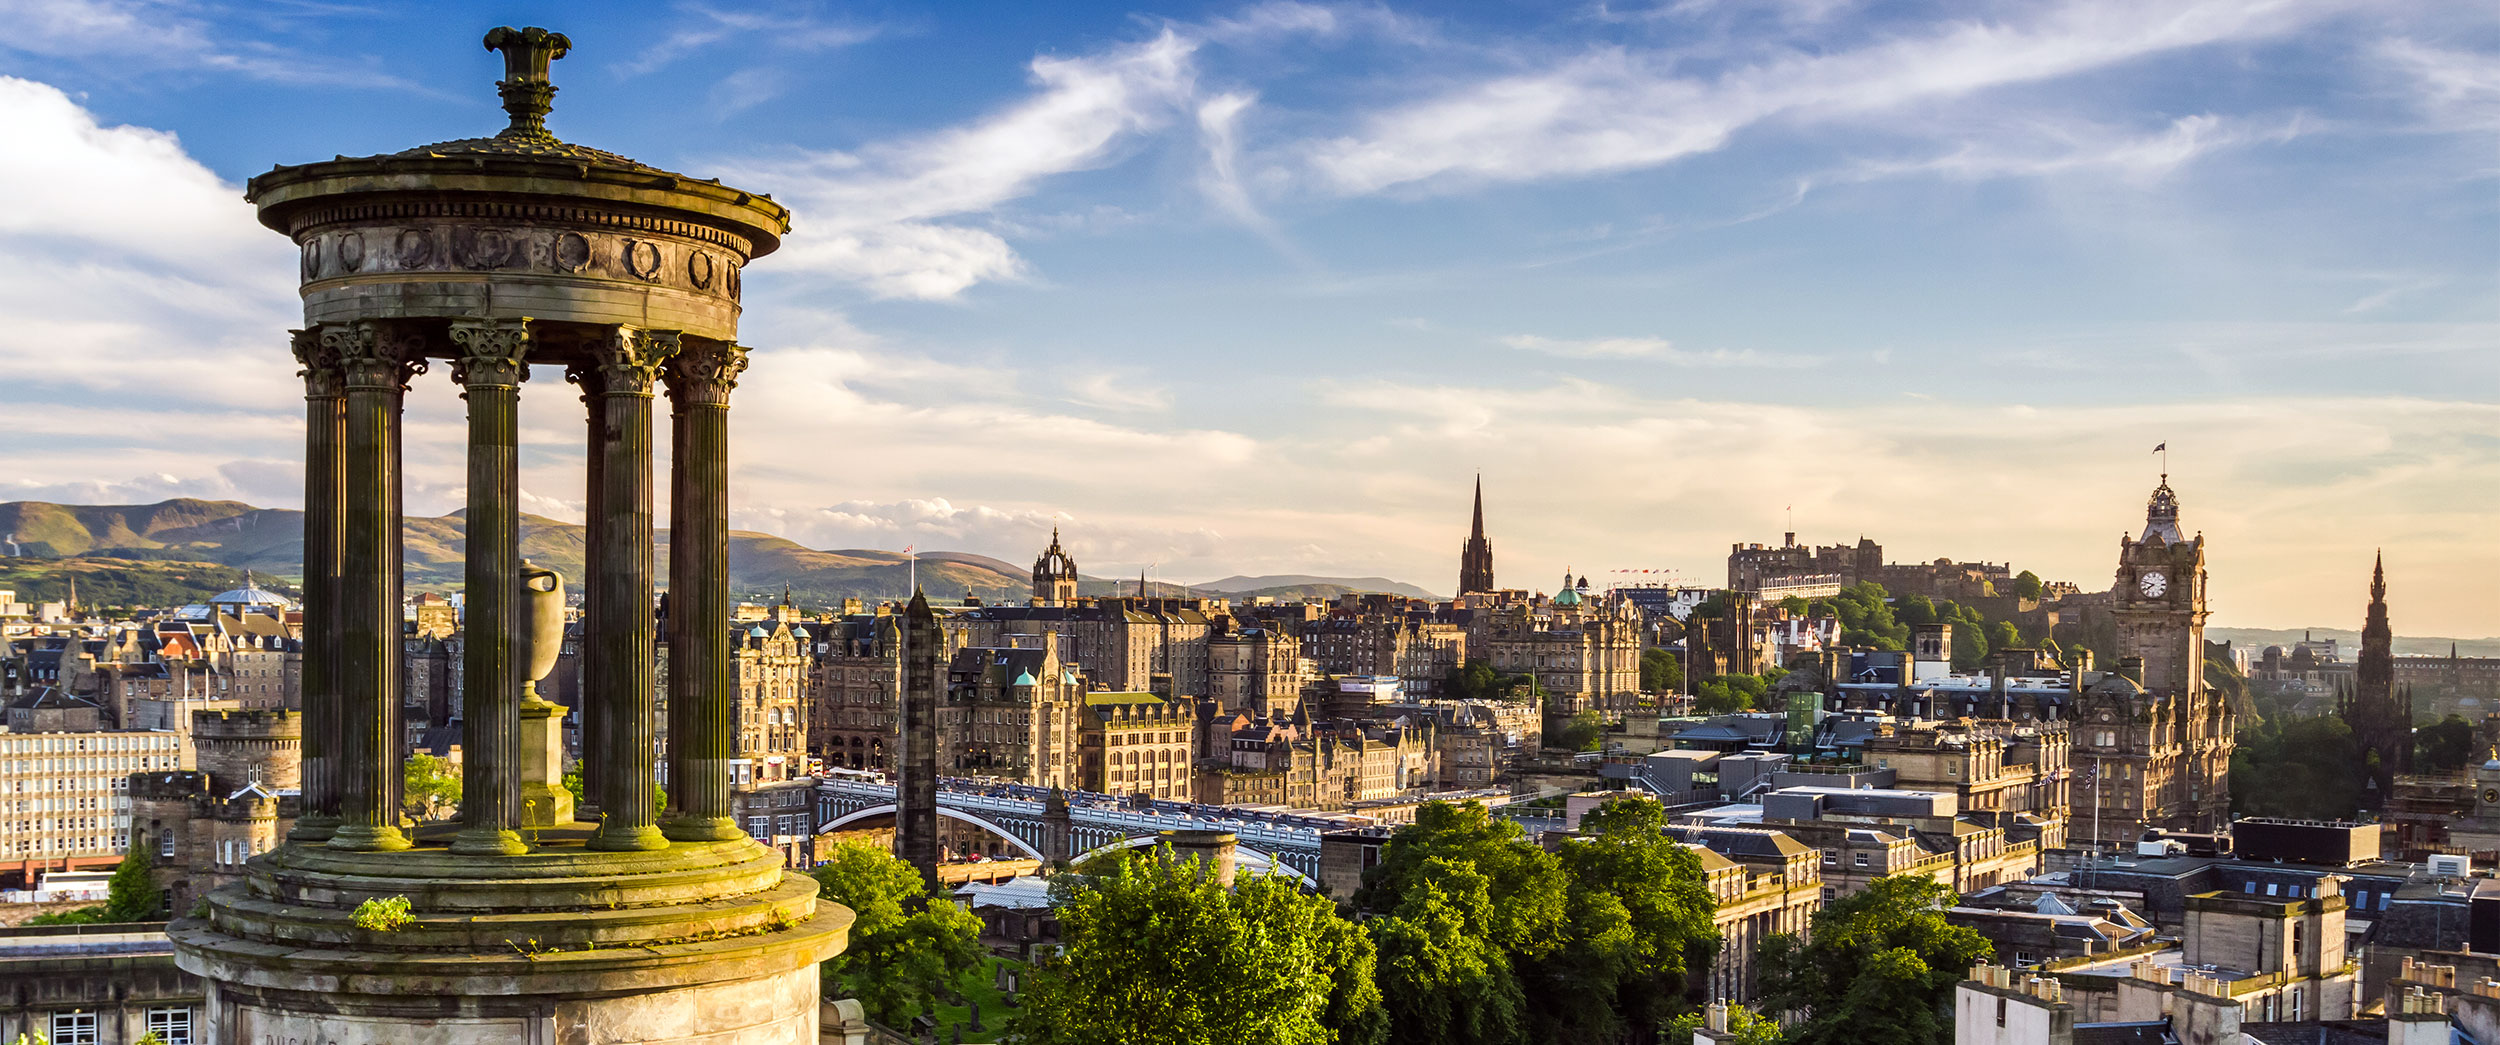 City Highlight: Edinburgh - City of Edinburgh